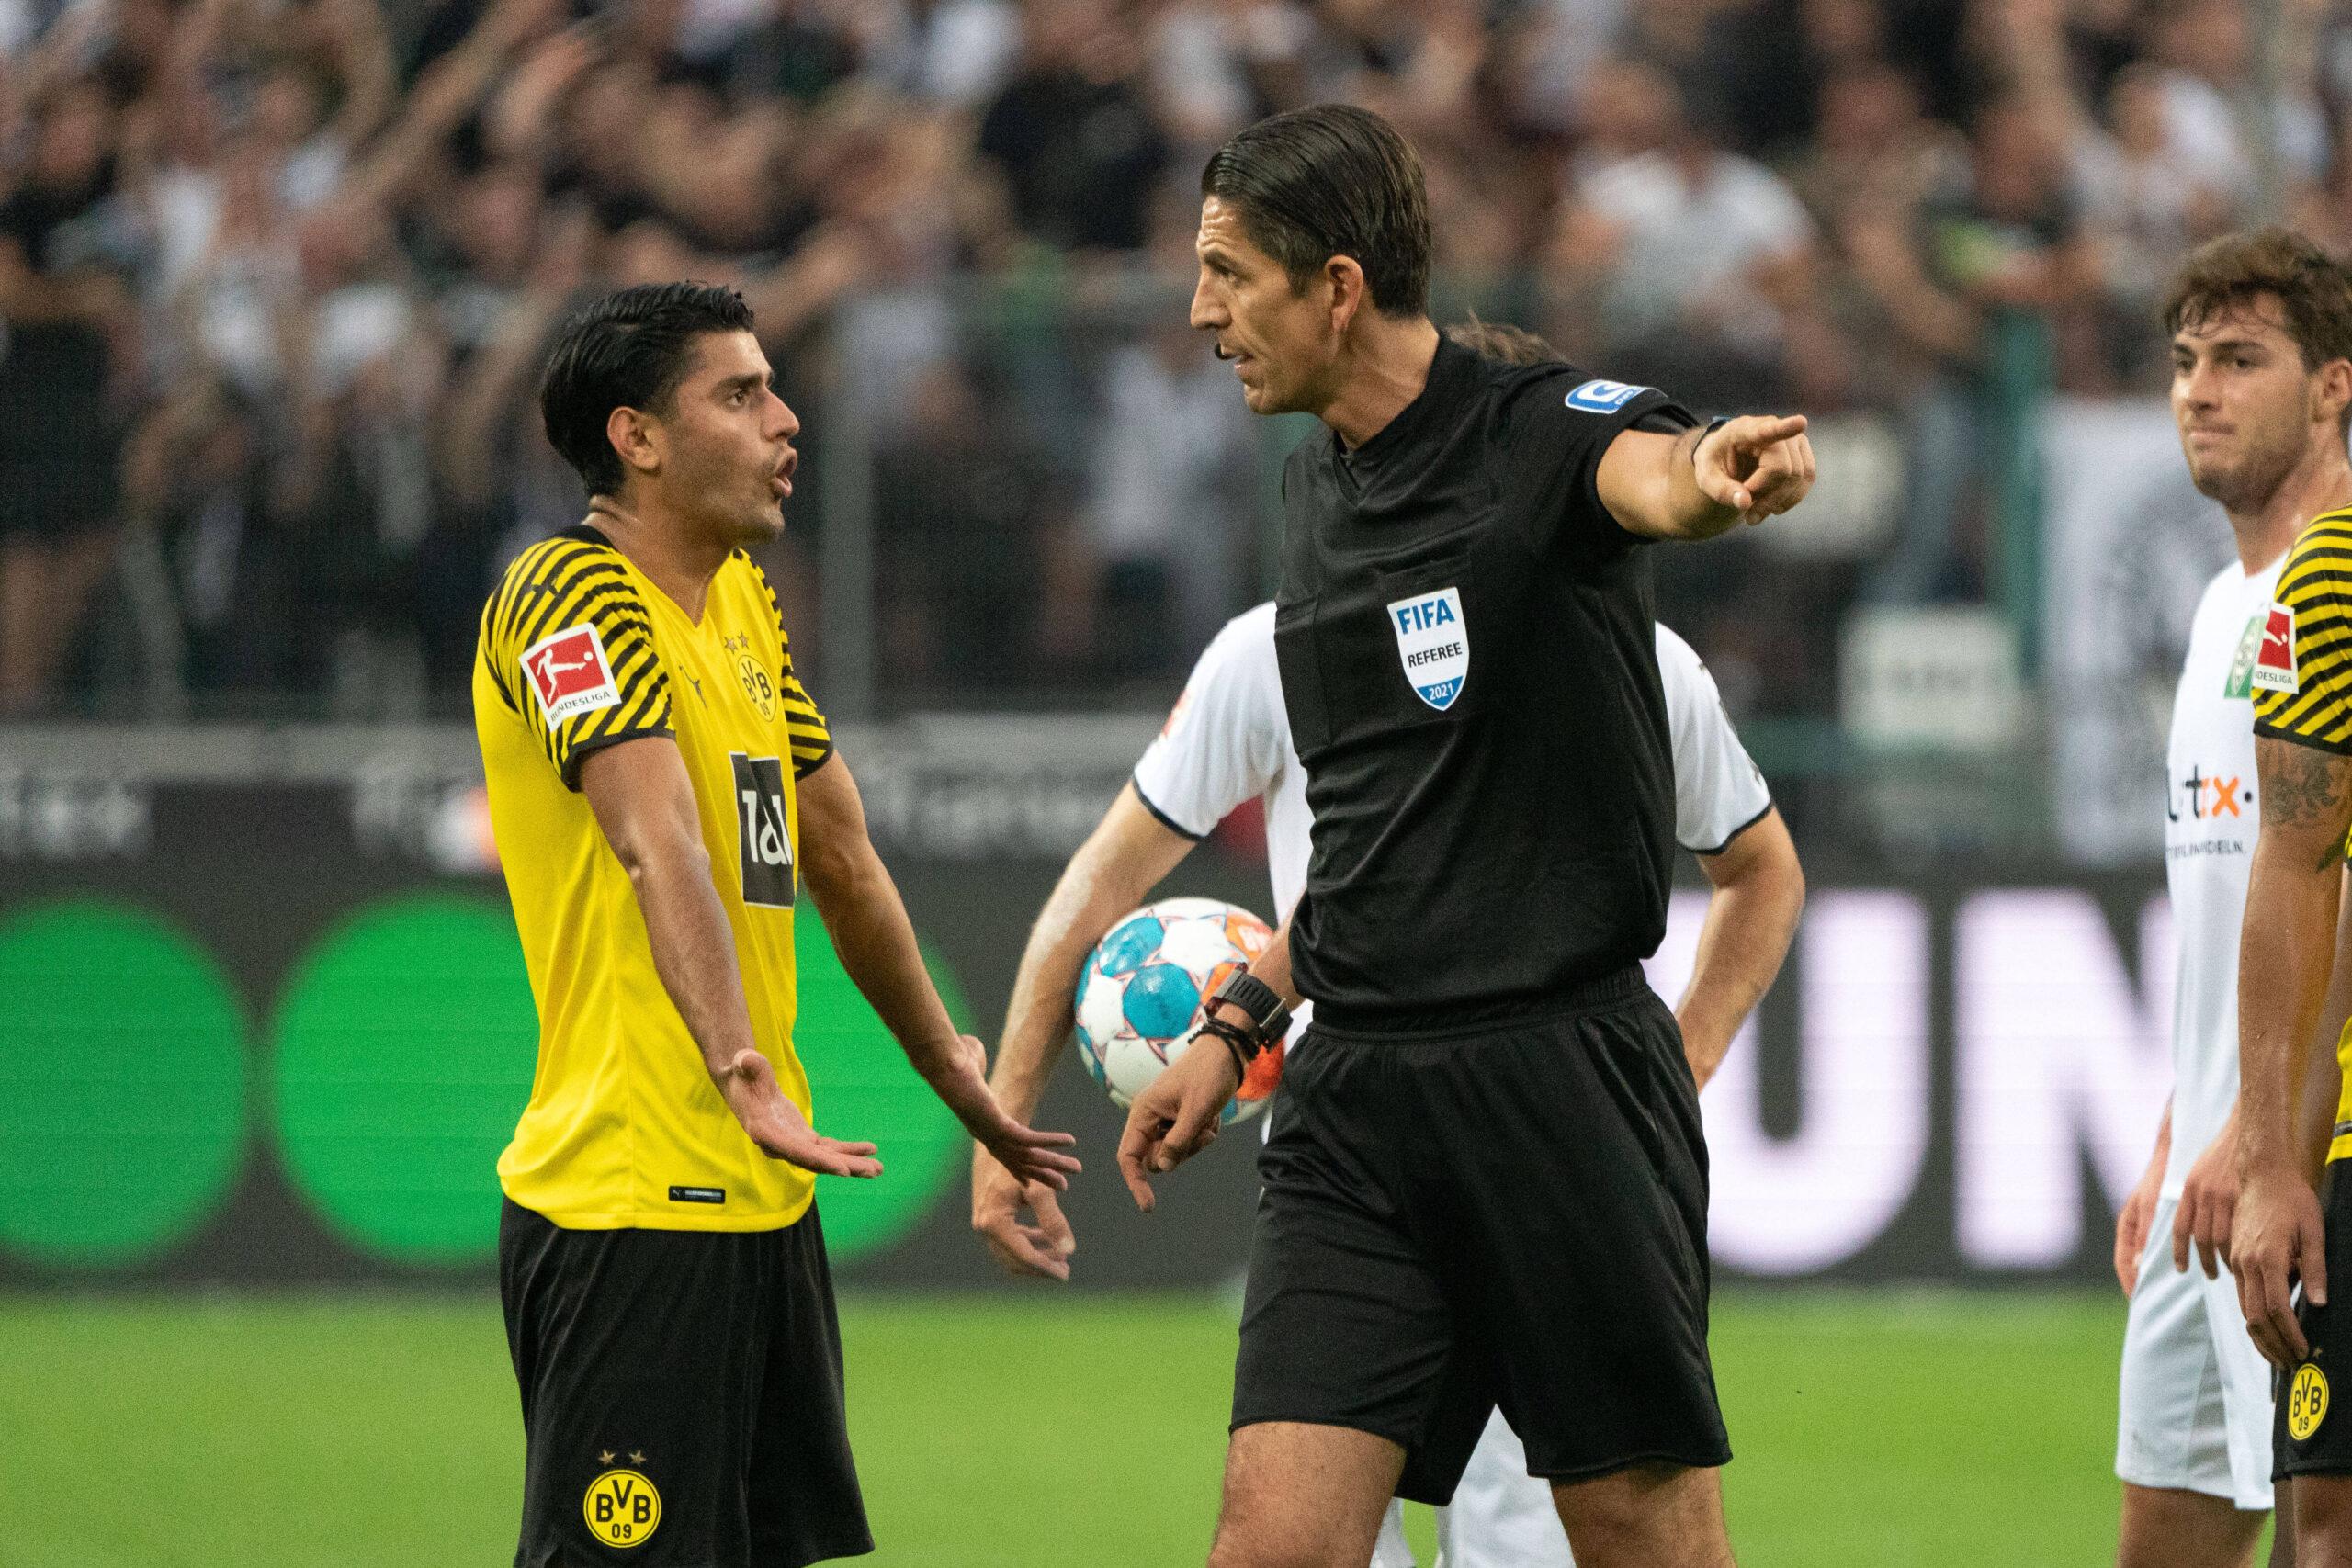 Dahoud y Aytekin, la polémica del derby de Borussias. Foto: Imago